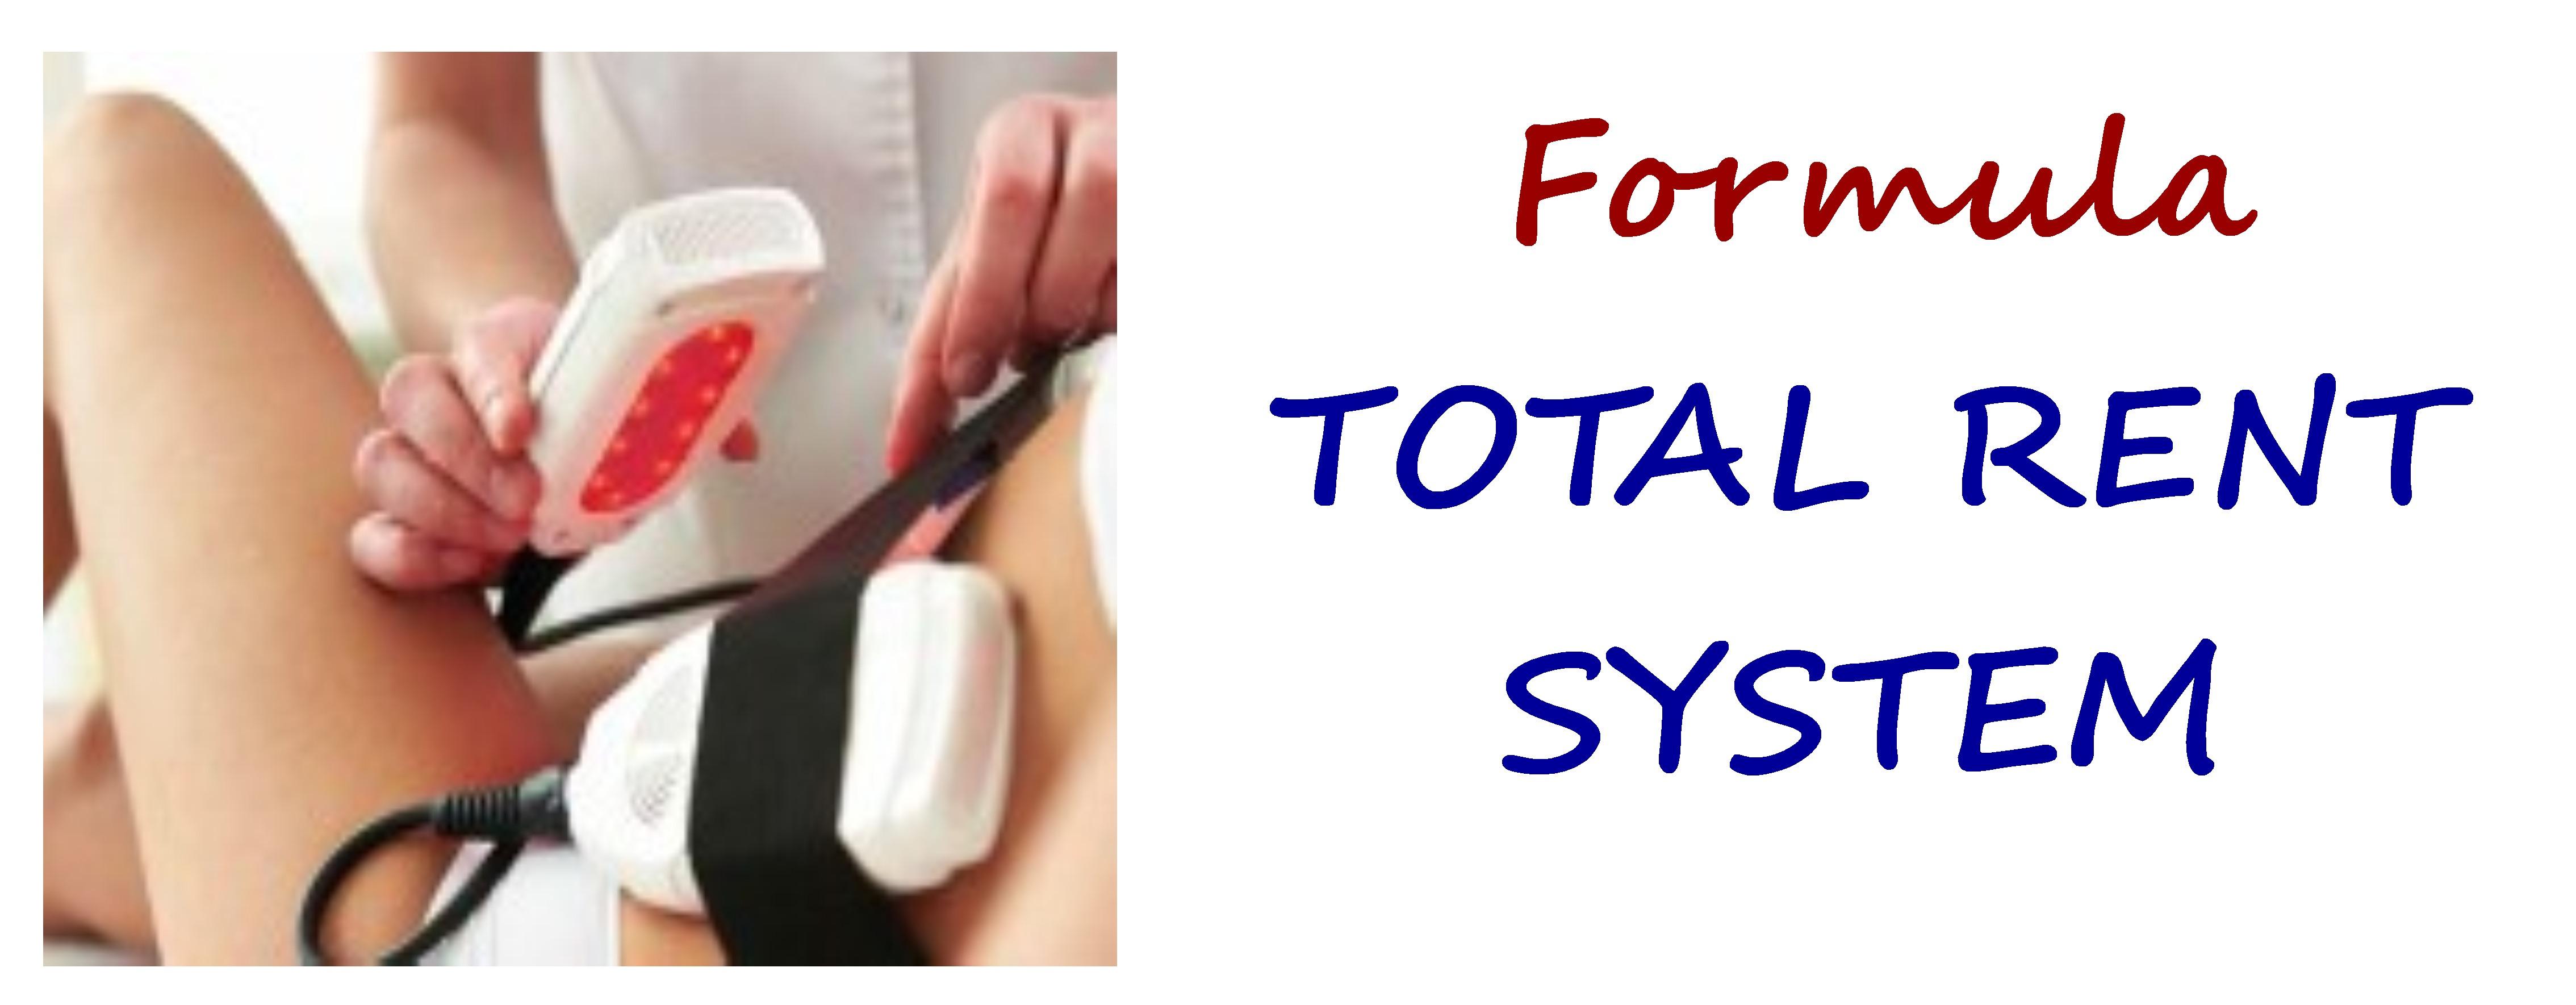 noleggio-total-rent-system